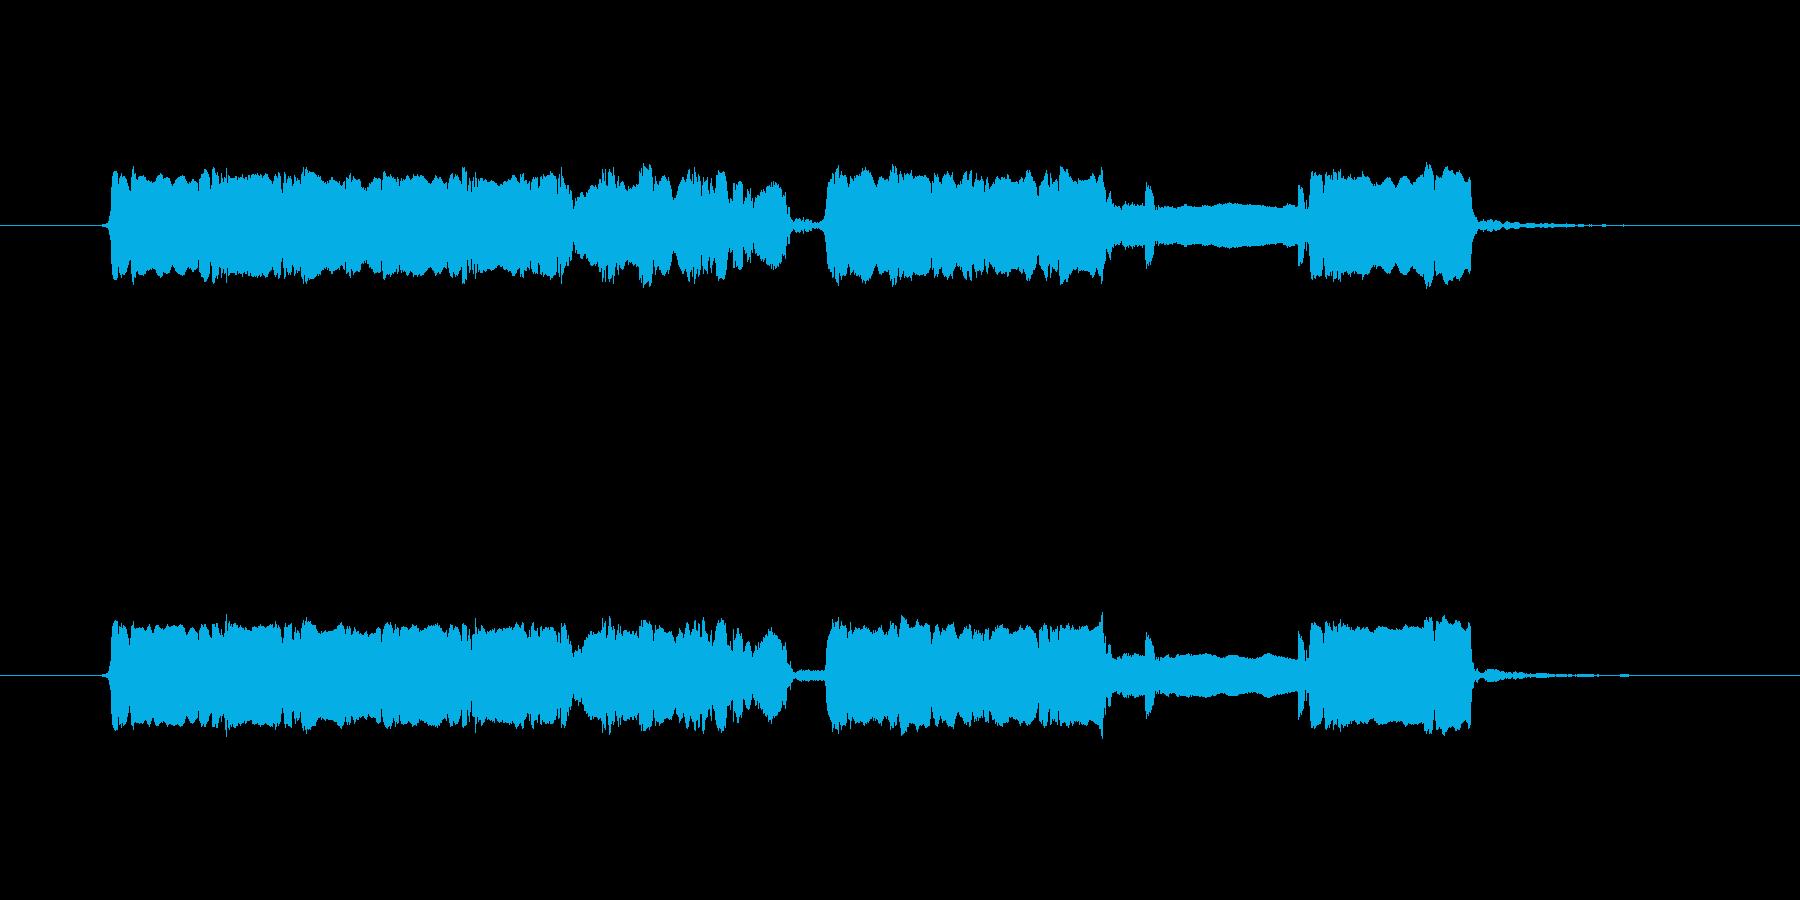 神楽風 篠笛生演奏のジングルの再生済みの波形